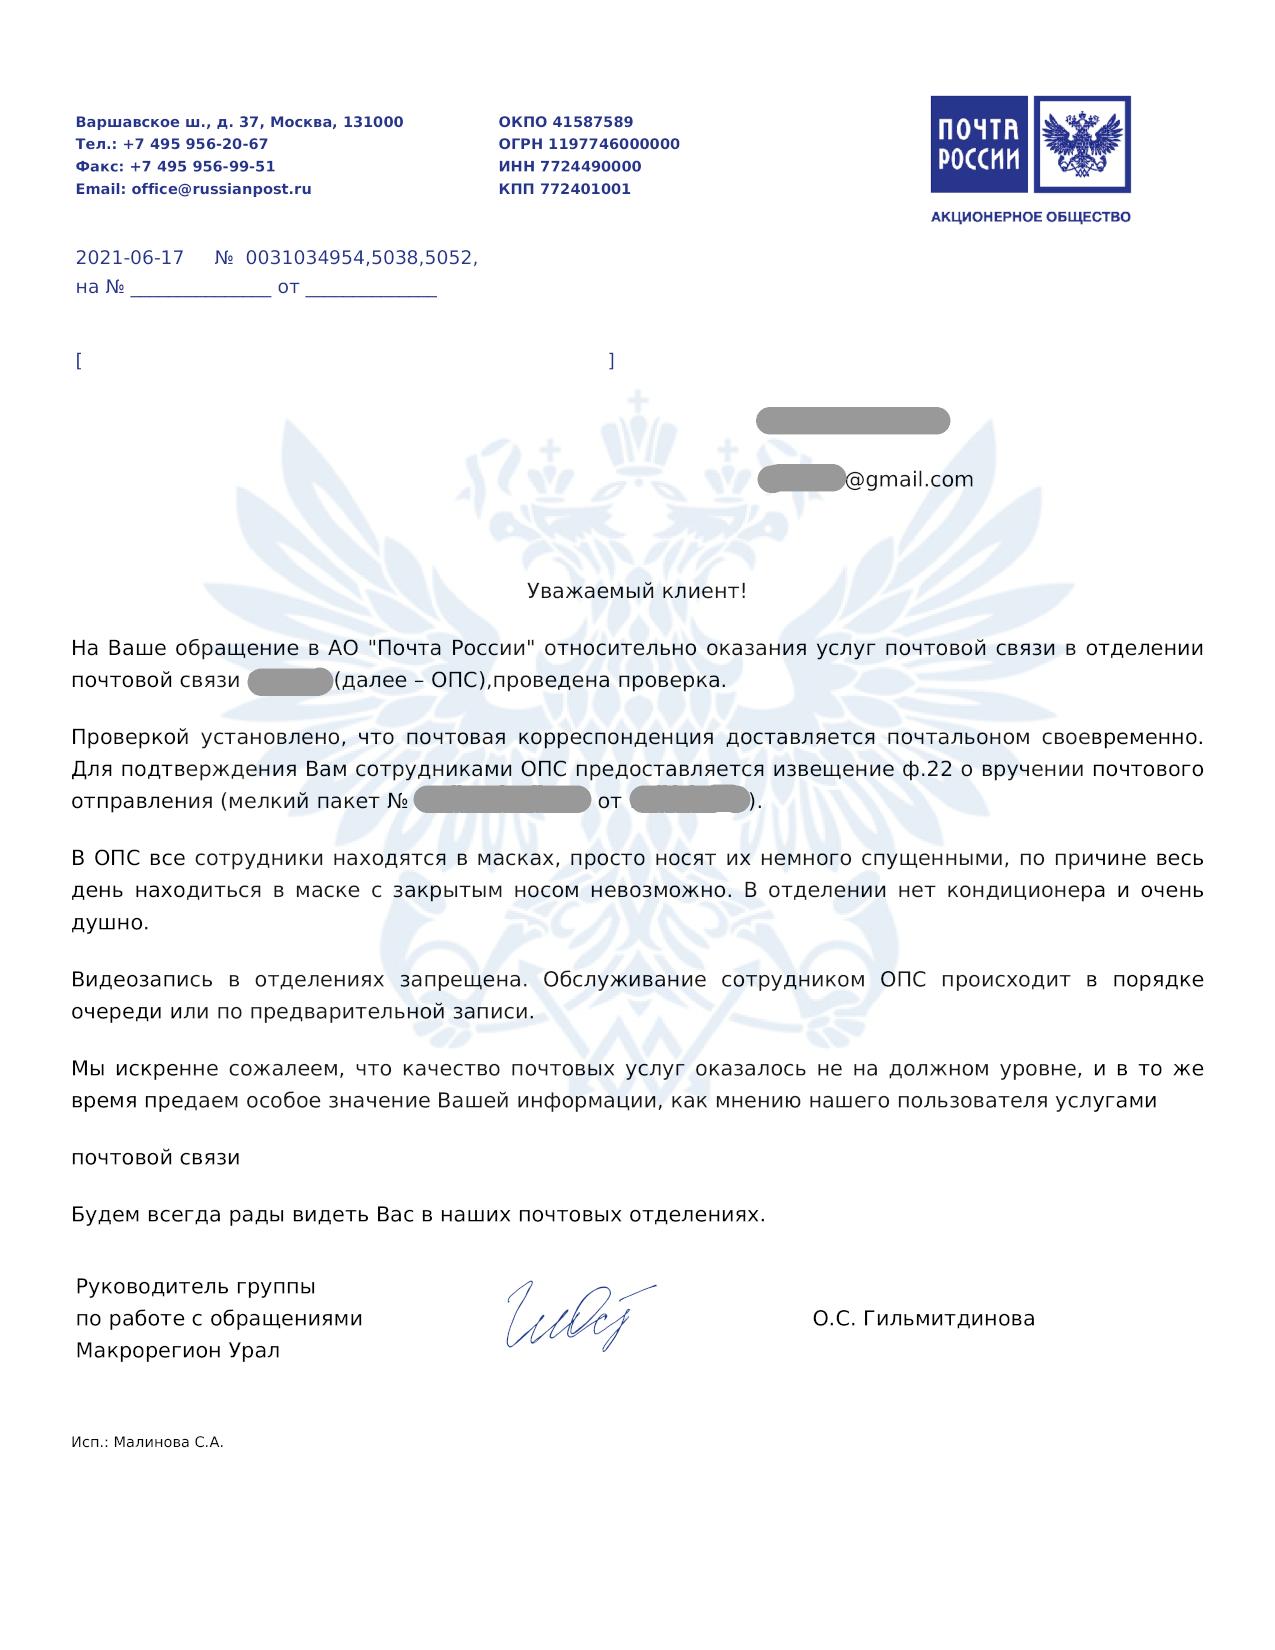 Официальный ответ регионального подразделения «Микрорегион Урал» «Почты России»